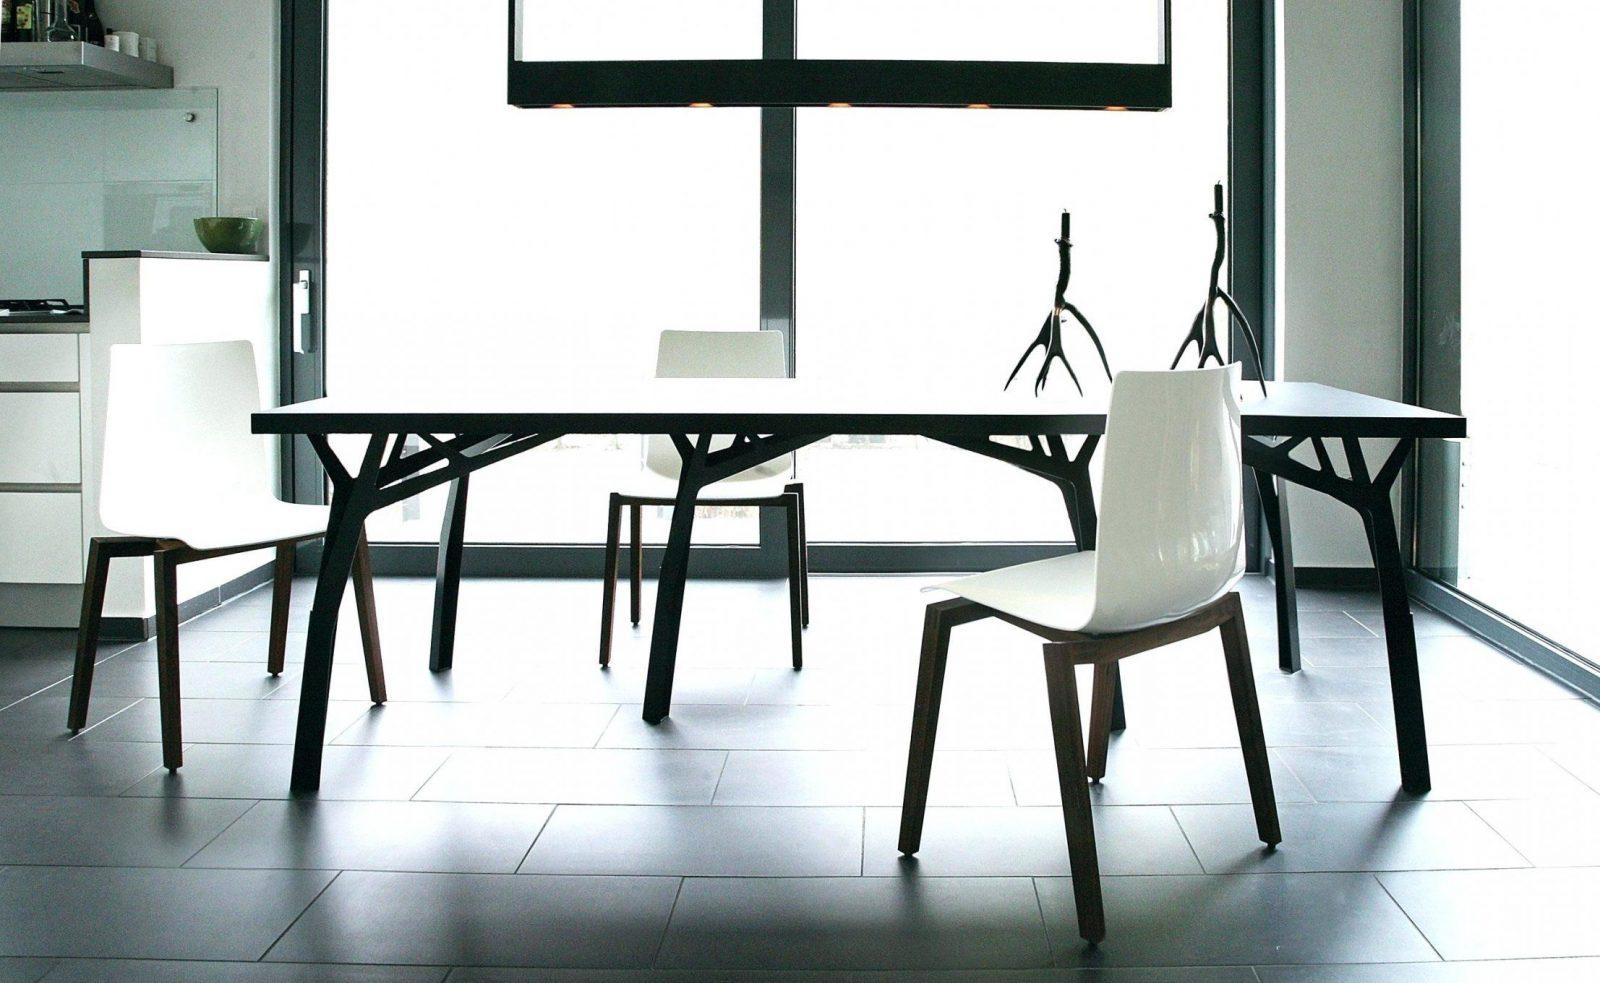 Gastronomie Mobel Gebraucht Top Ergebnis 50 Frisch Stühle Gebraucht von Stühle Für Gastronomie Gebraucht Bild